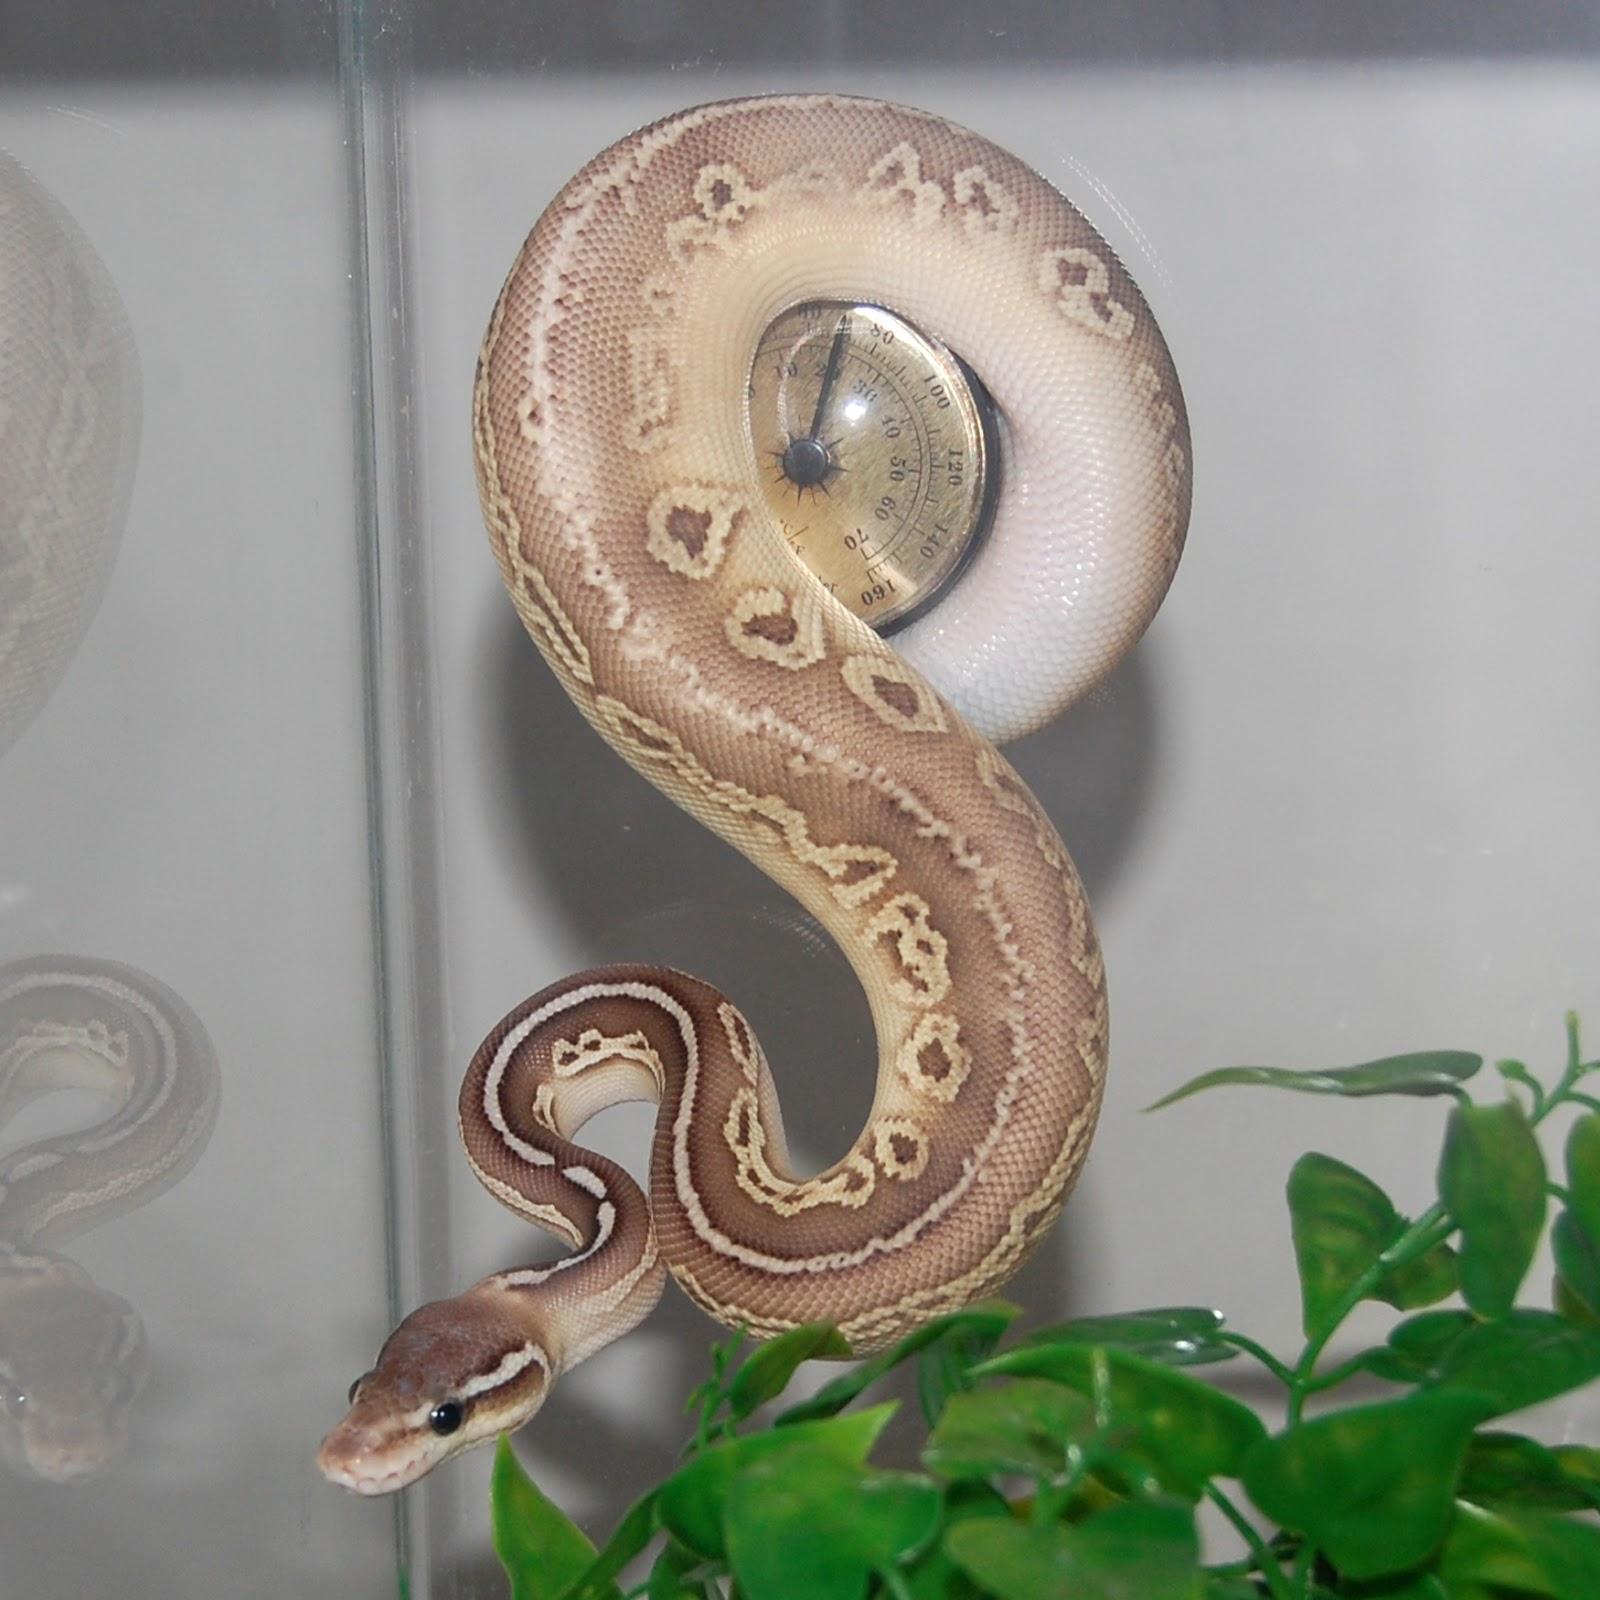 art life newsblog cute new member of the family python regius